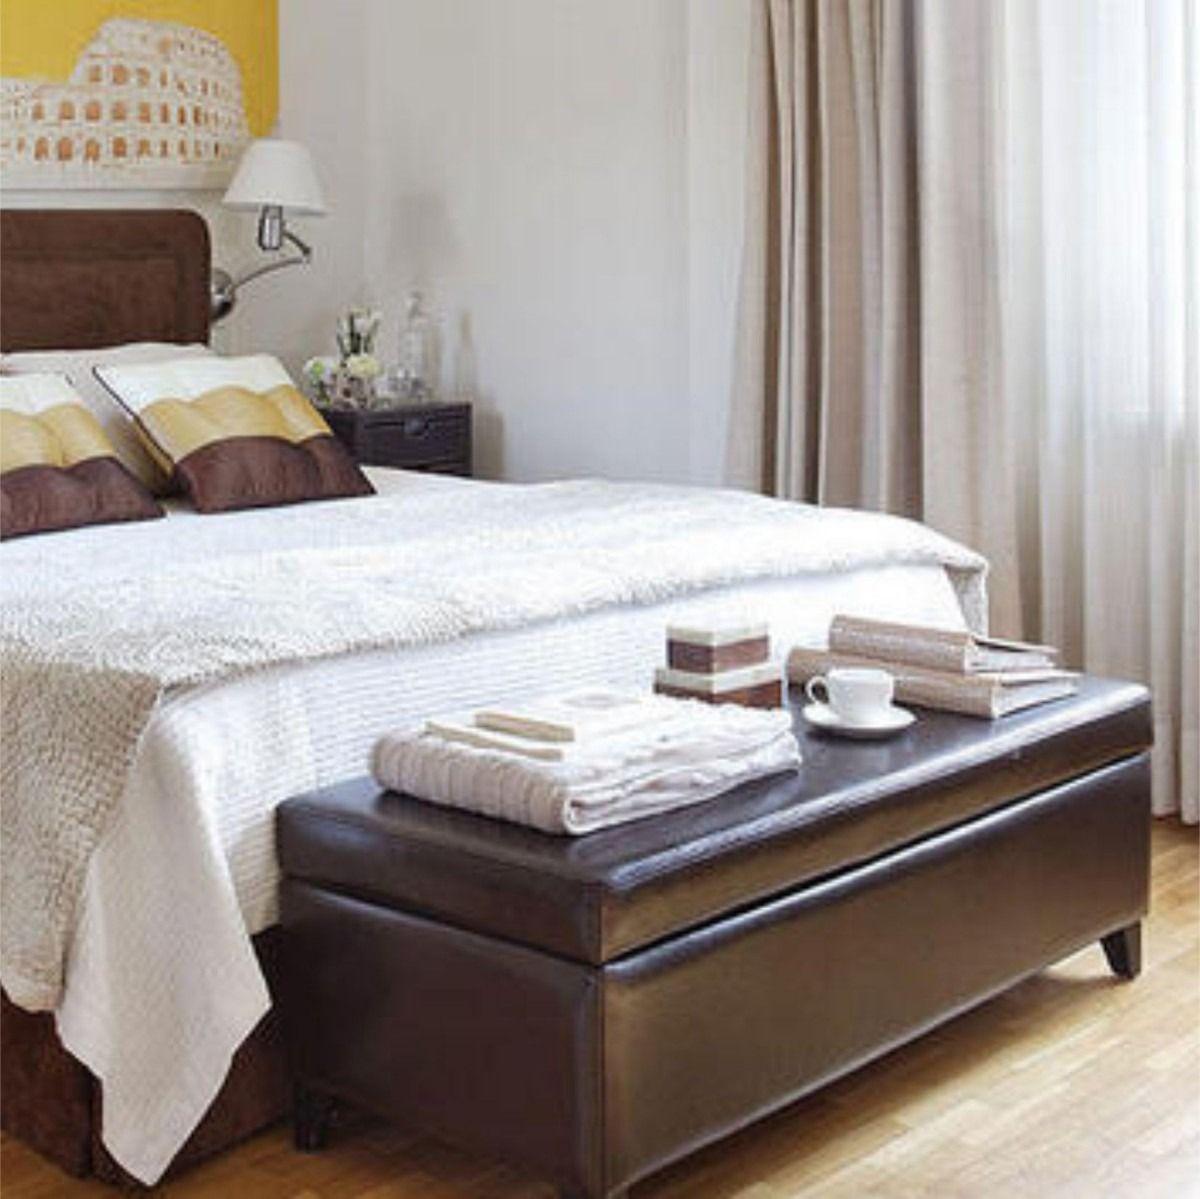 Pie de cama sommier ba l banqueta zapatero 1 2 m diqua for Zapatero mueble mercadolibre